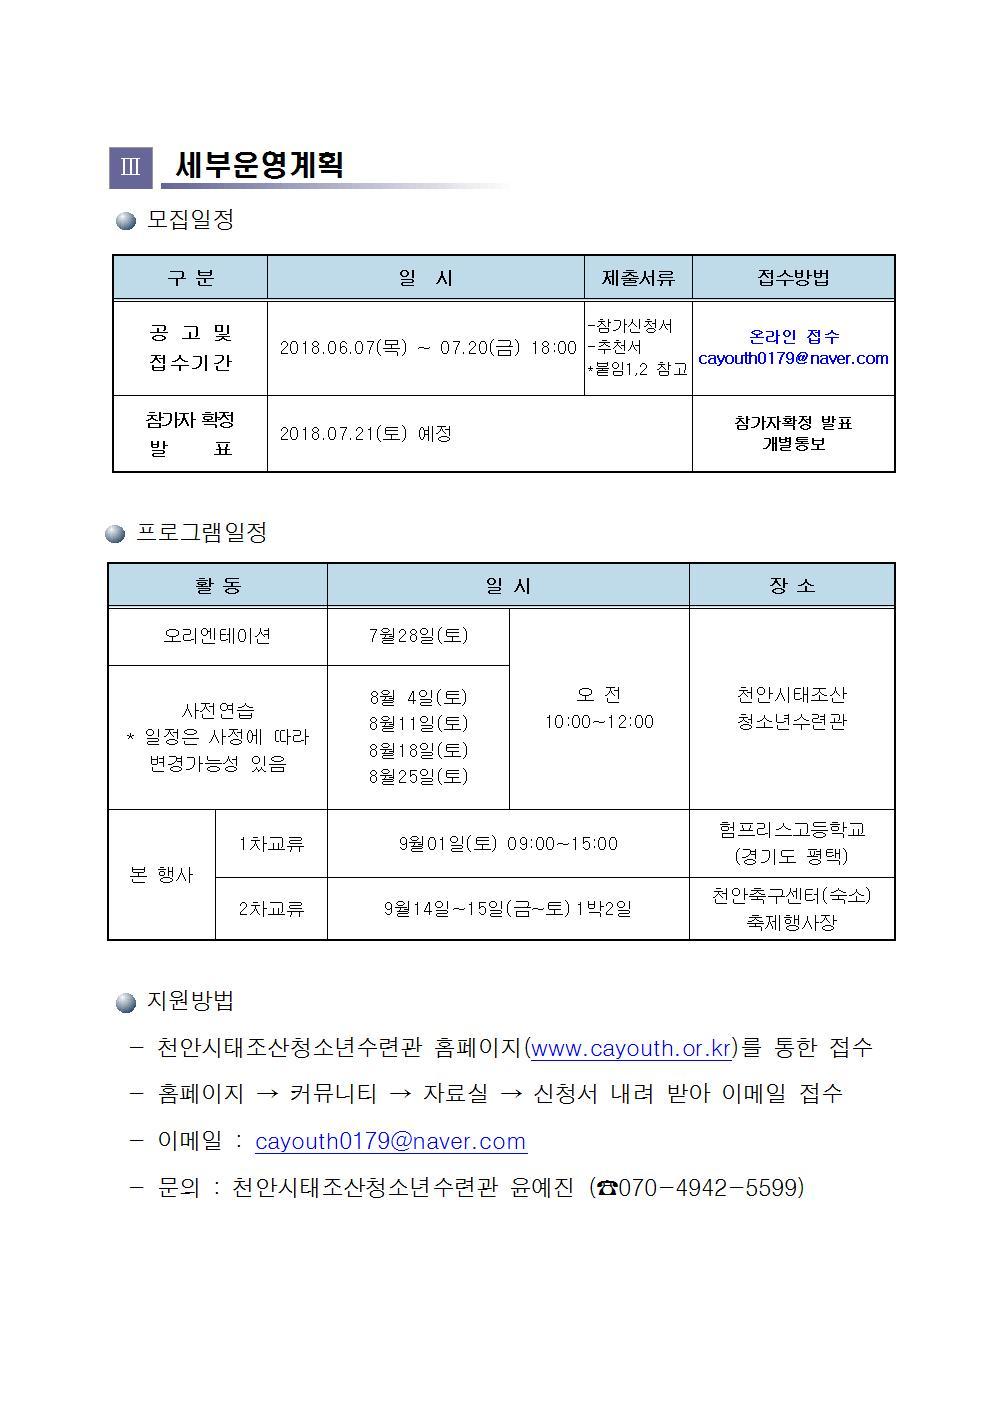 2-파트2 참가자 모집공고(수정)003.jpg